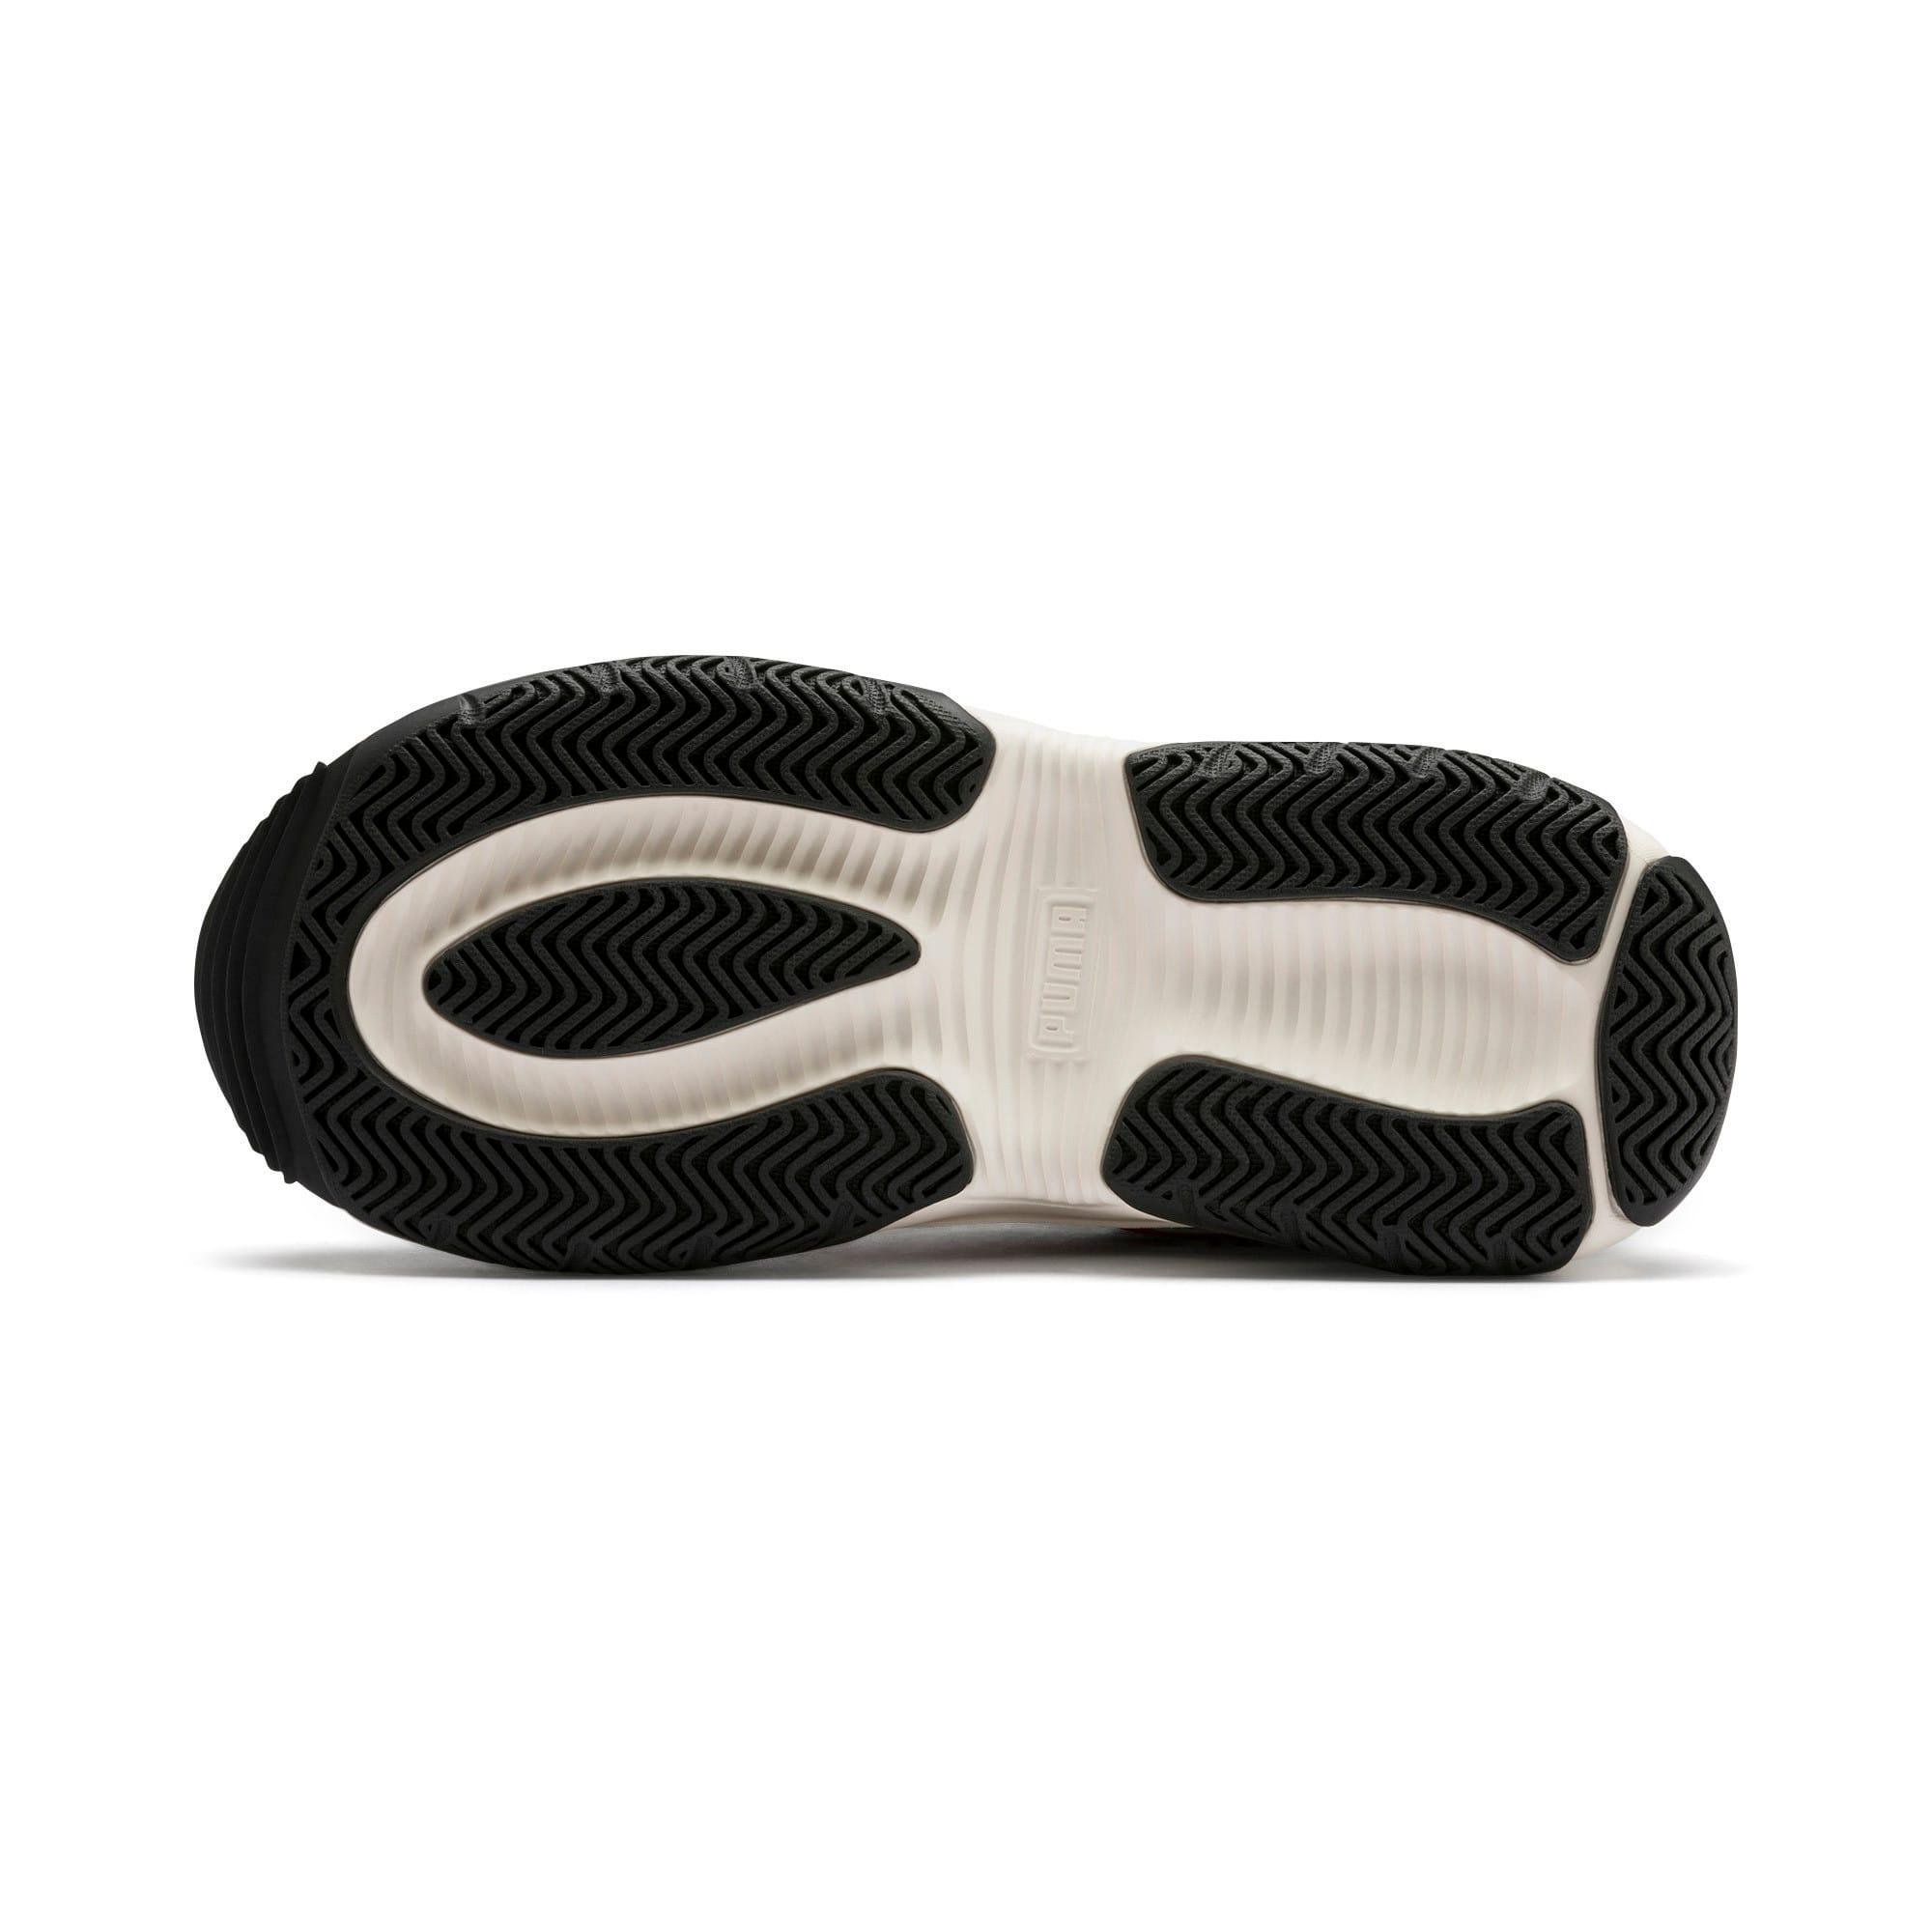 Imagen en miniatura 5 de Zapatillas de mujer STORM.Y, Gray Violet, mediana